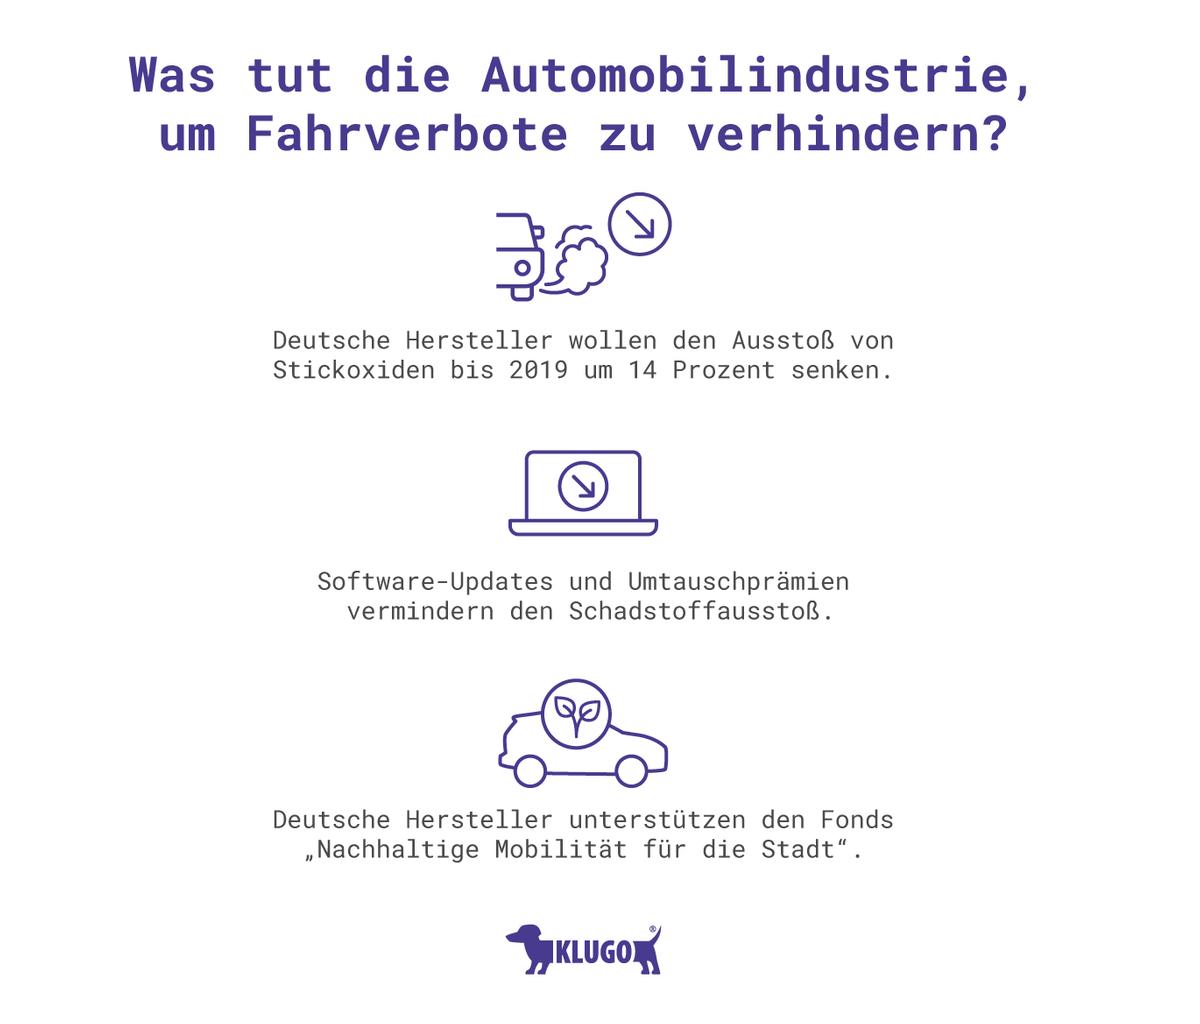 Was tut die Automobilindustrie, um Fahrverbote zu verhindern? – Infografik